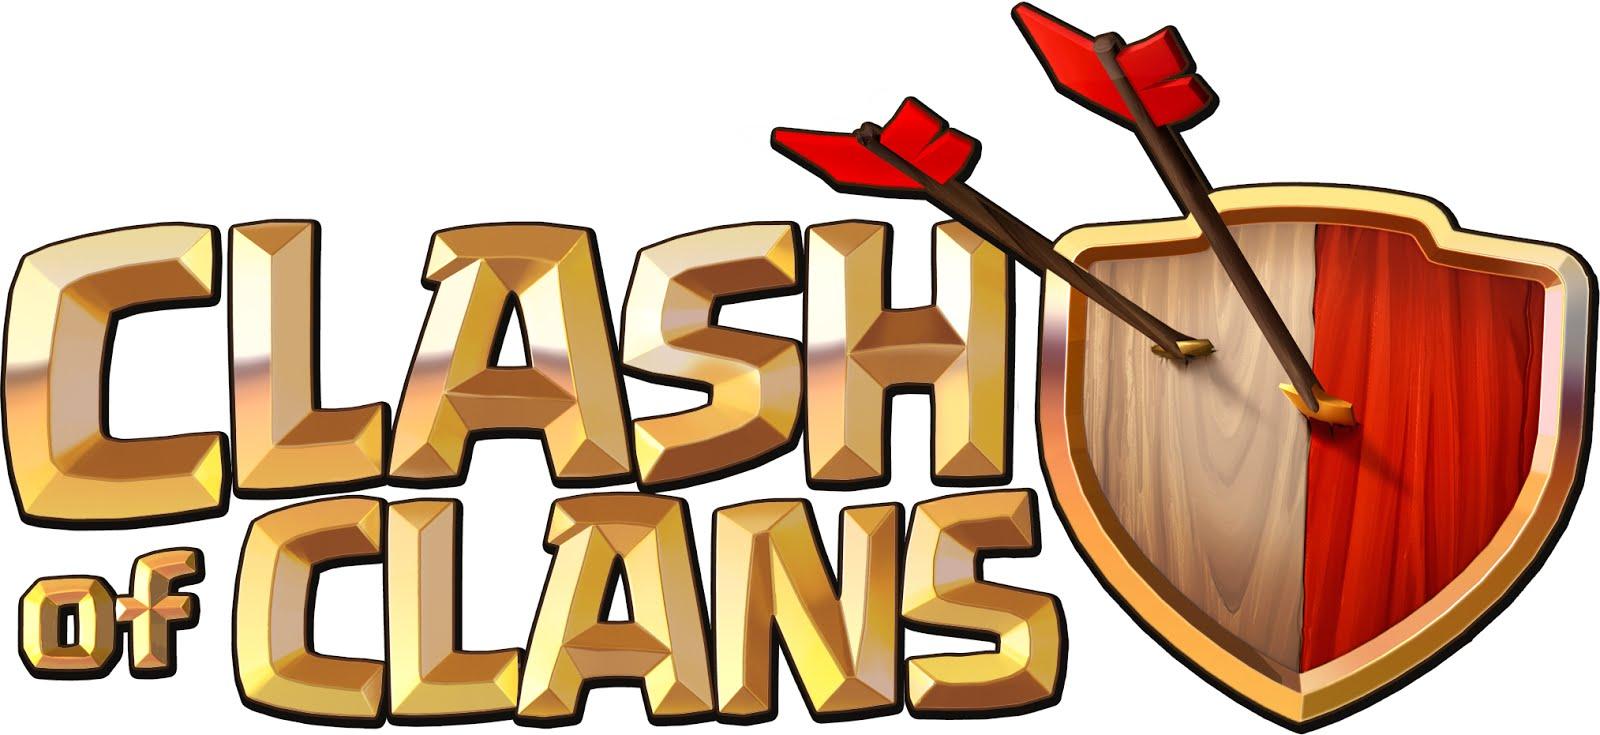 Clash Of Clans Trucos & Estrategias